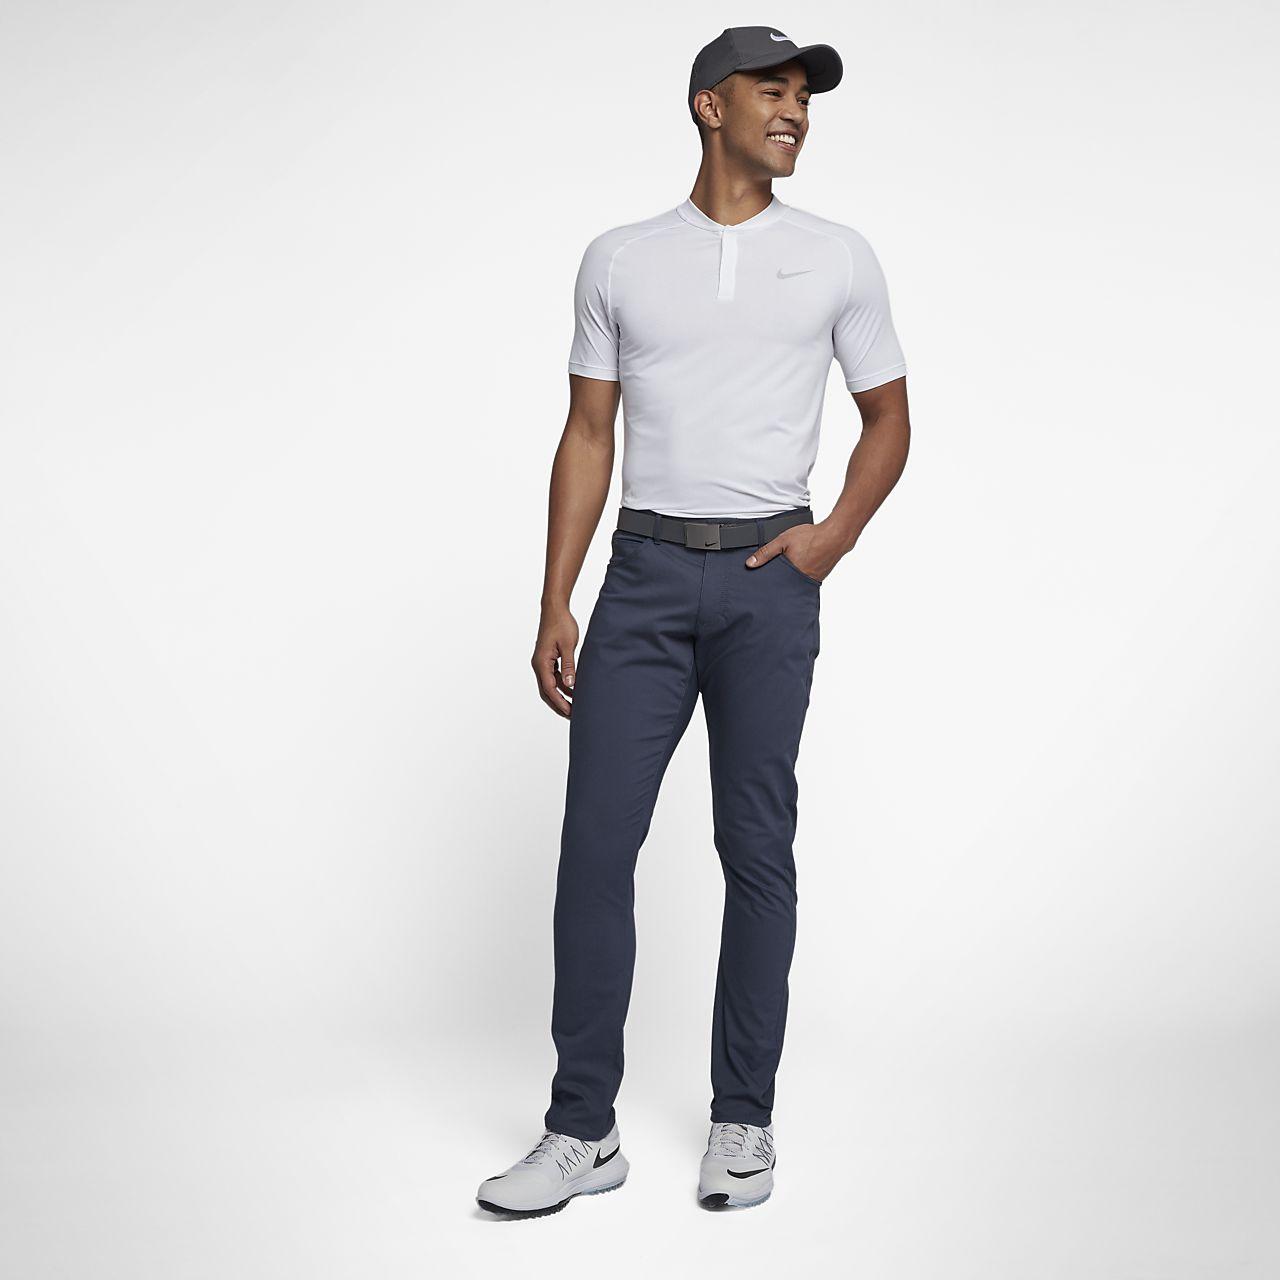 pantalon de golf coupe slim nike flex 5 pocket pour homme ca. Black Bedroom Furniture Sets. Home Design Ideas